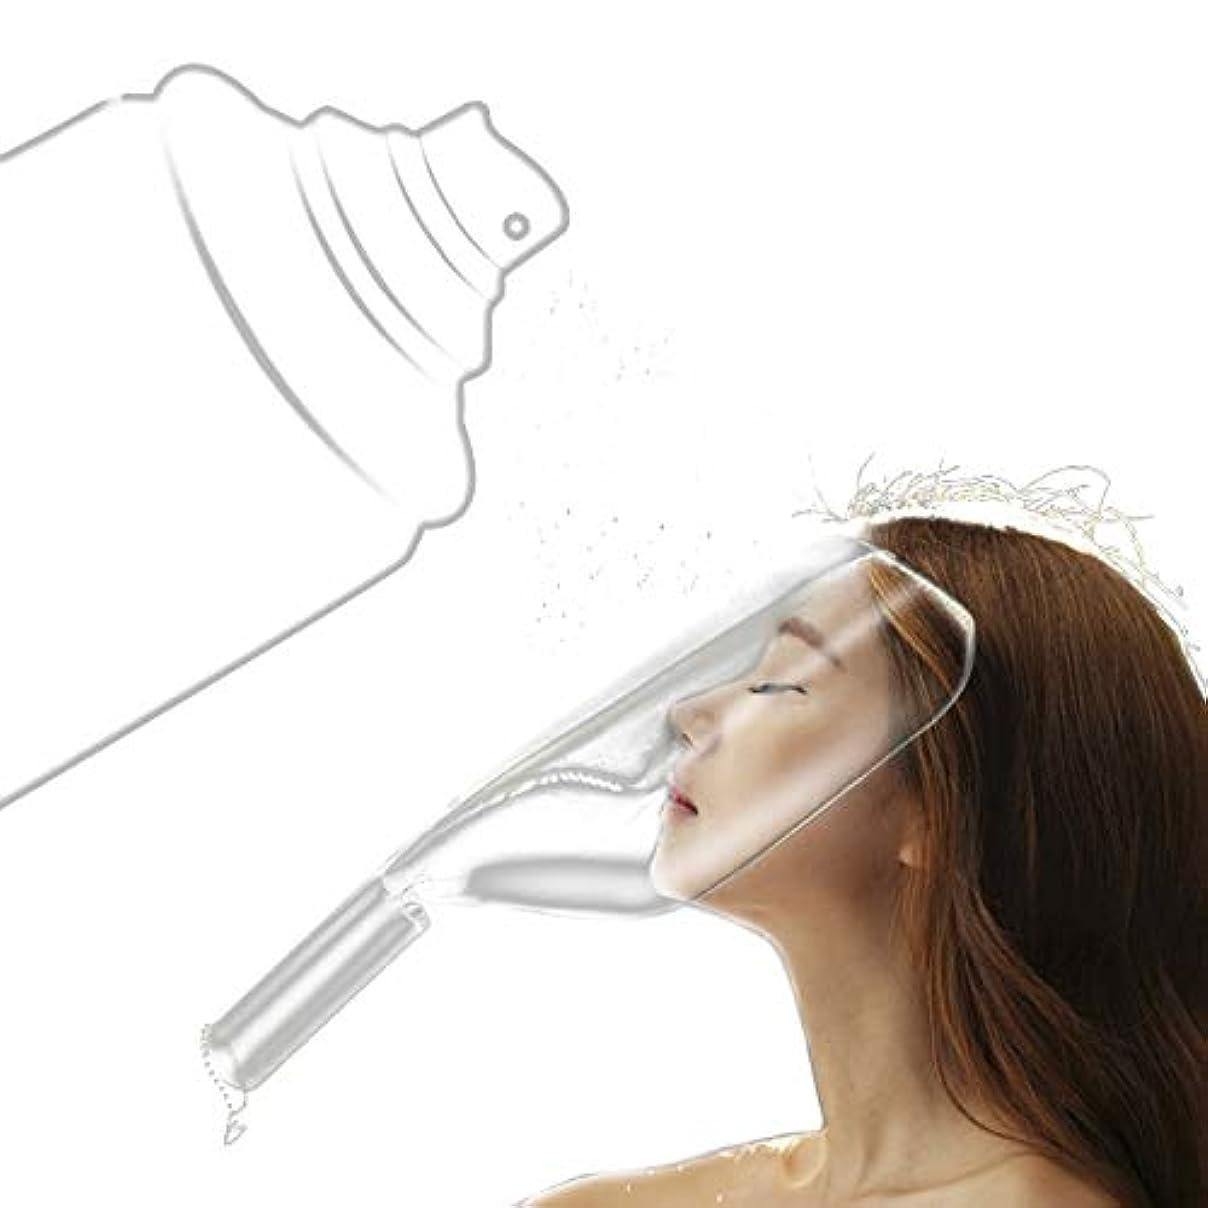 憂鬱サンダル合理化ZHER-LU 散髪 フェイスカバー ヘアスプレーマスク フェイスガード スプレーシールド 美容院ヘアスプレーマスクシールド 理髪サロン 1ピース (ホワイト)